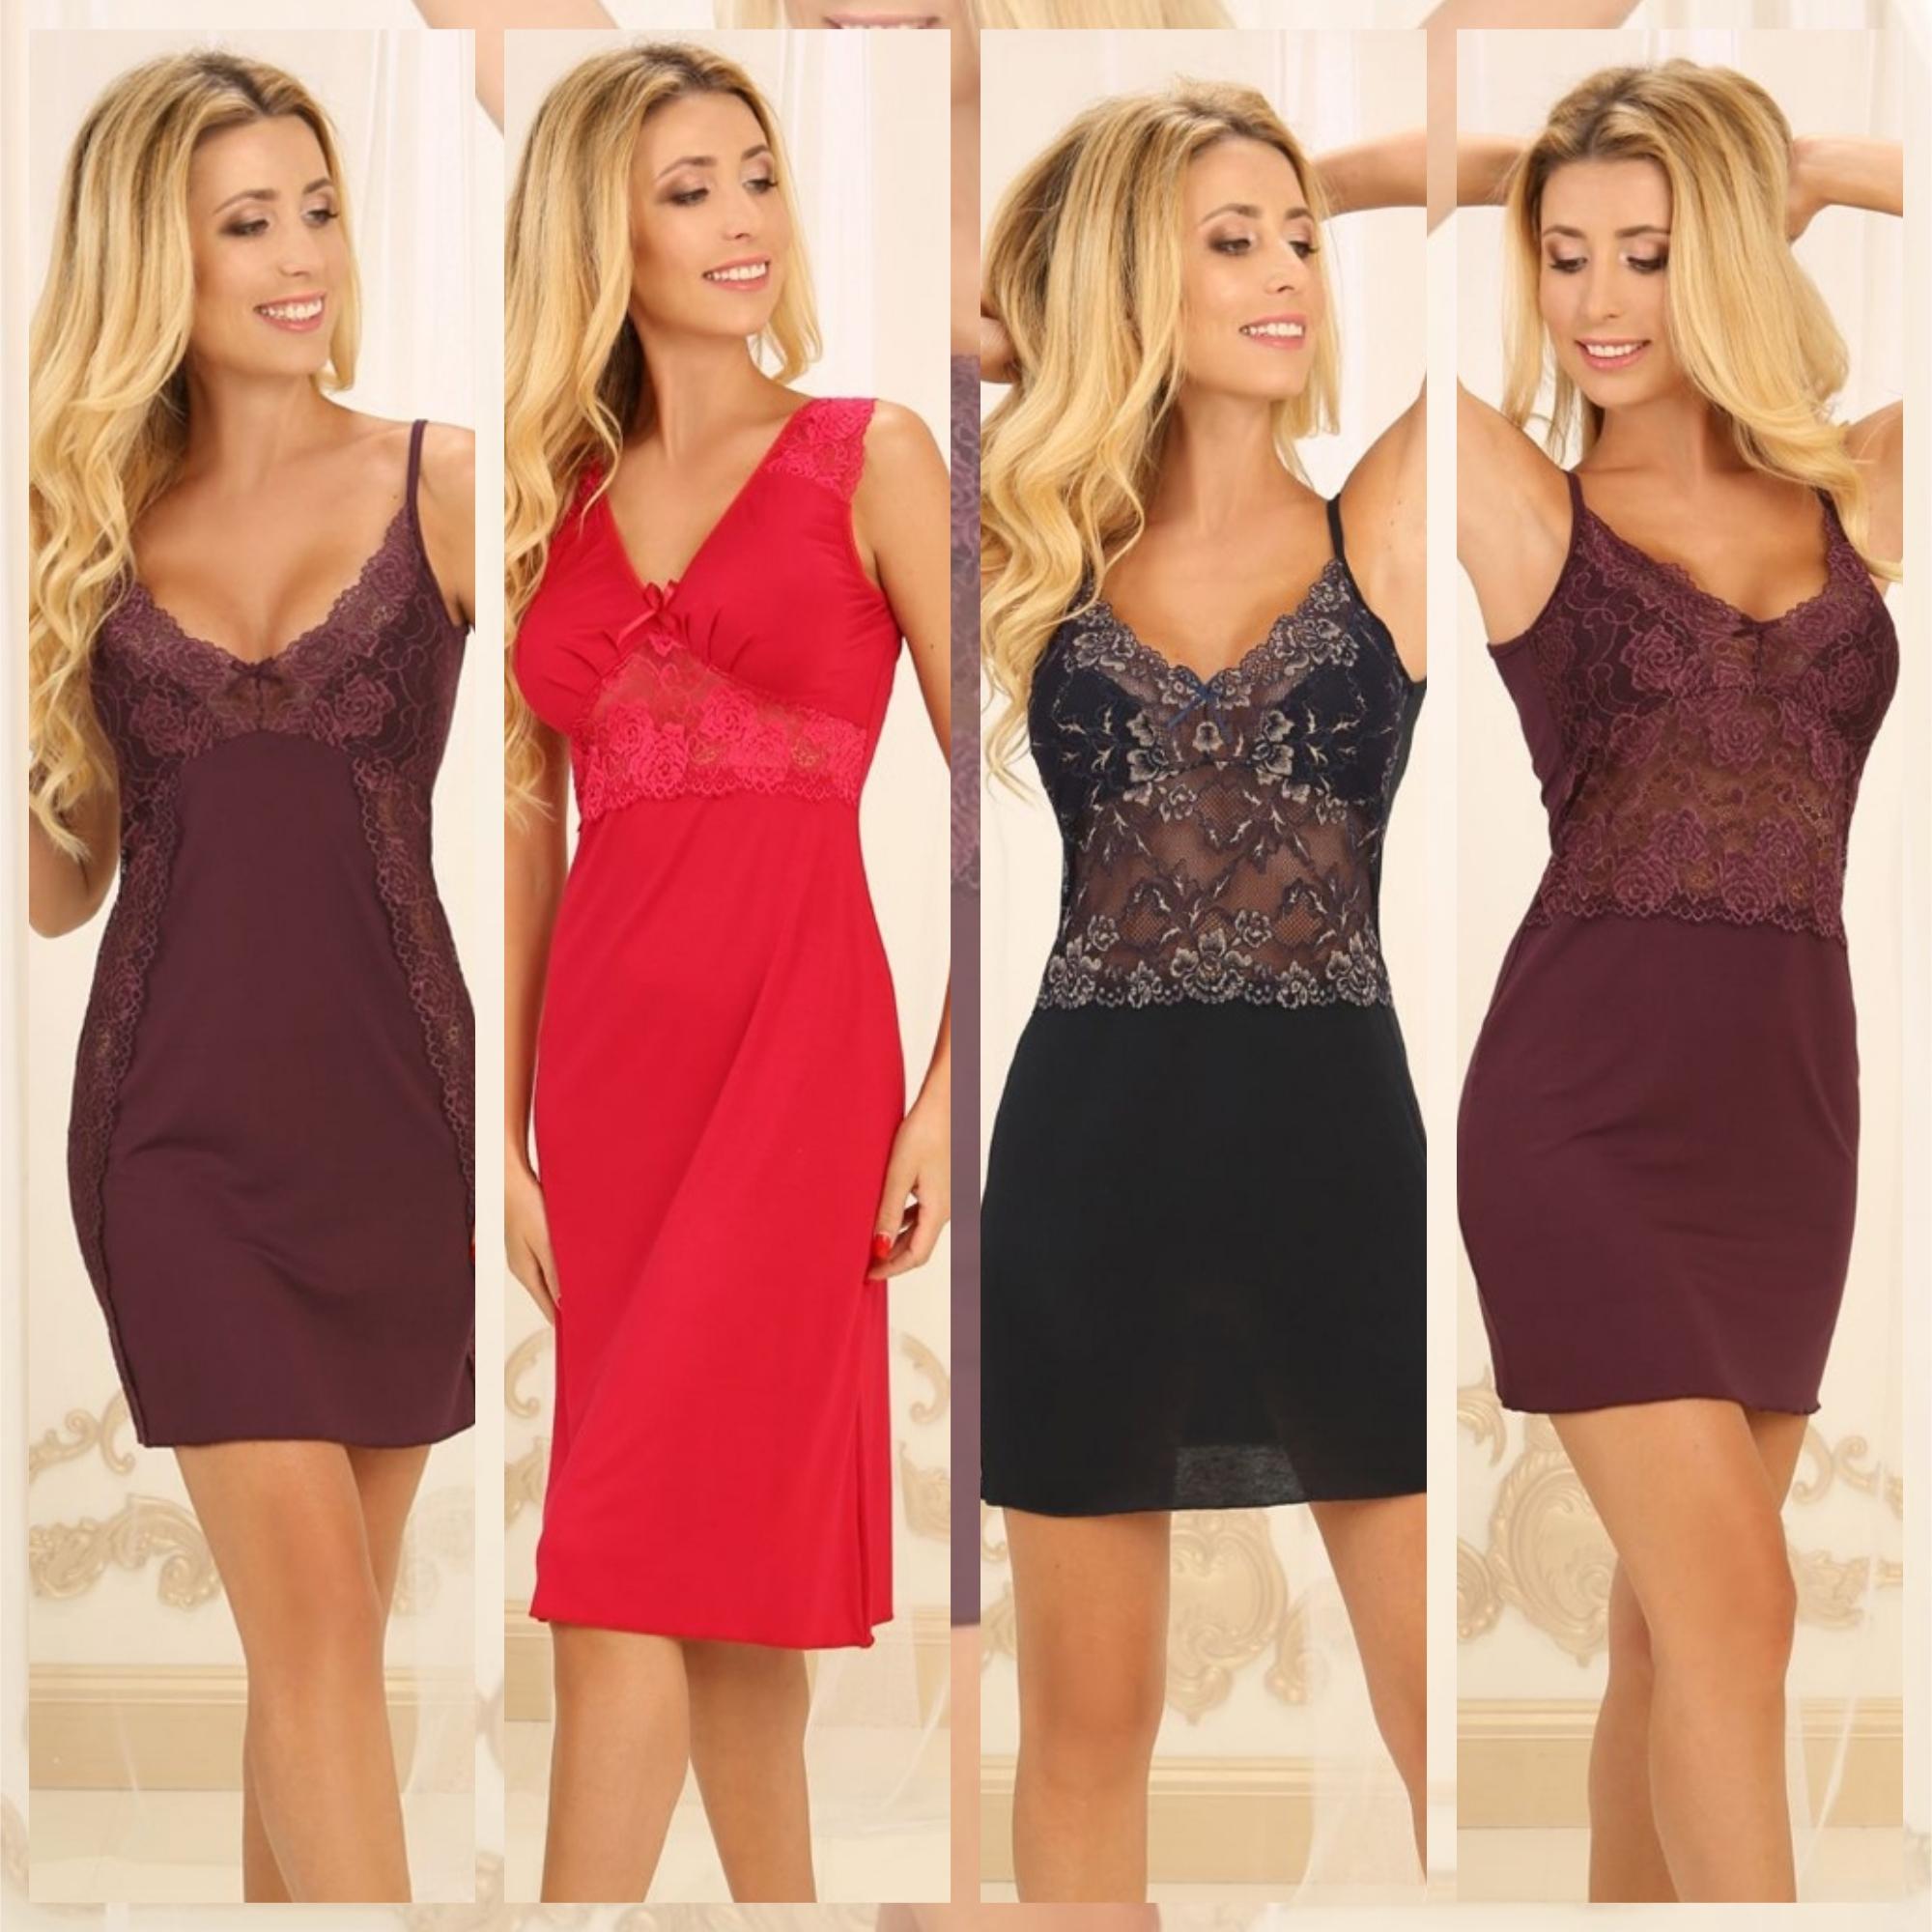 Женские сорочки Violet delux купить